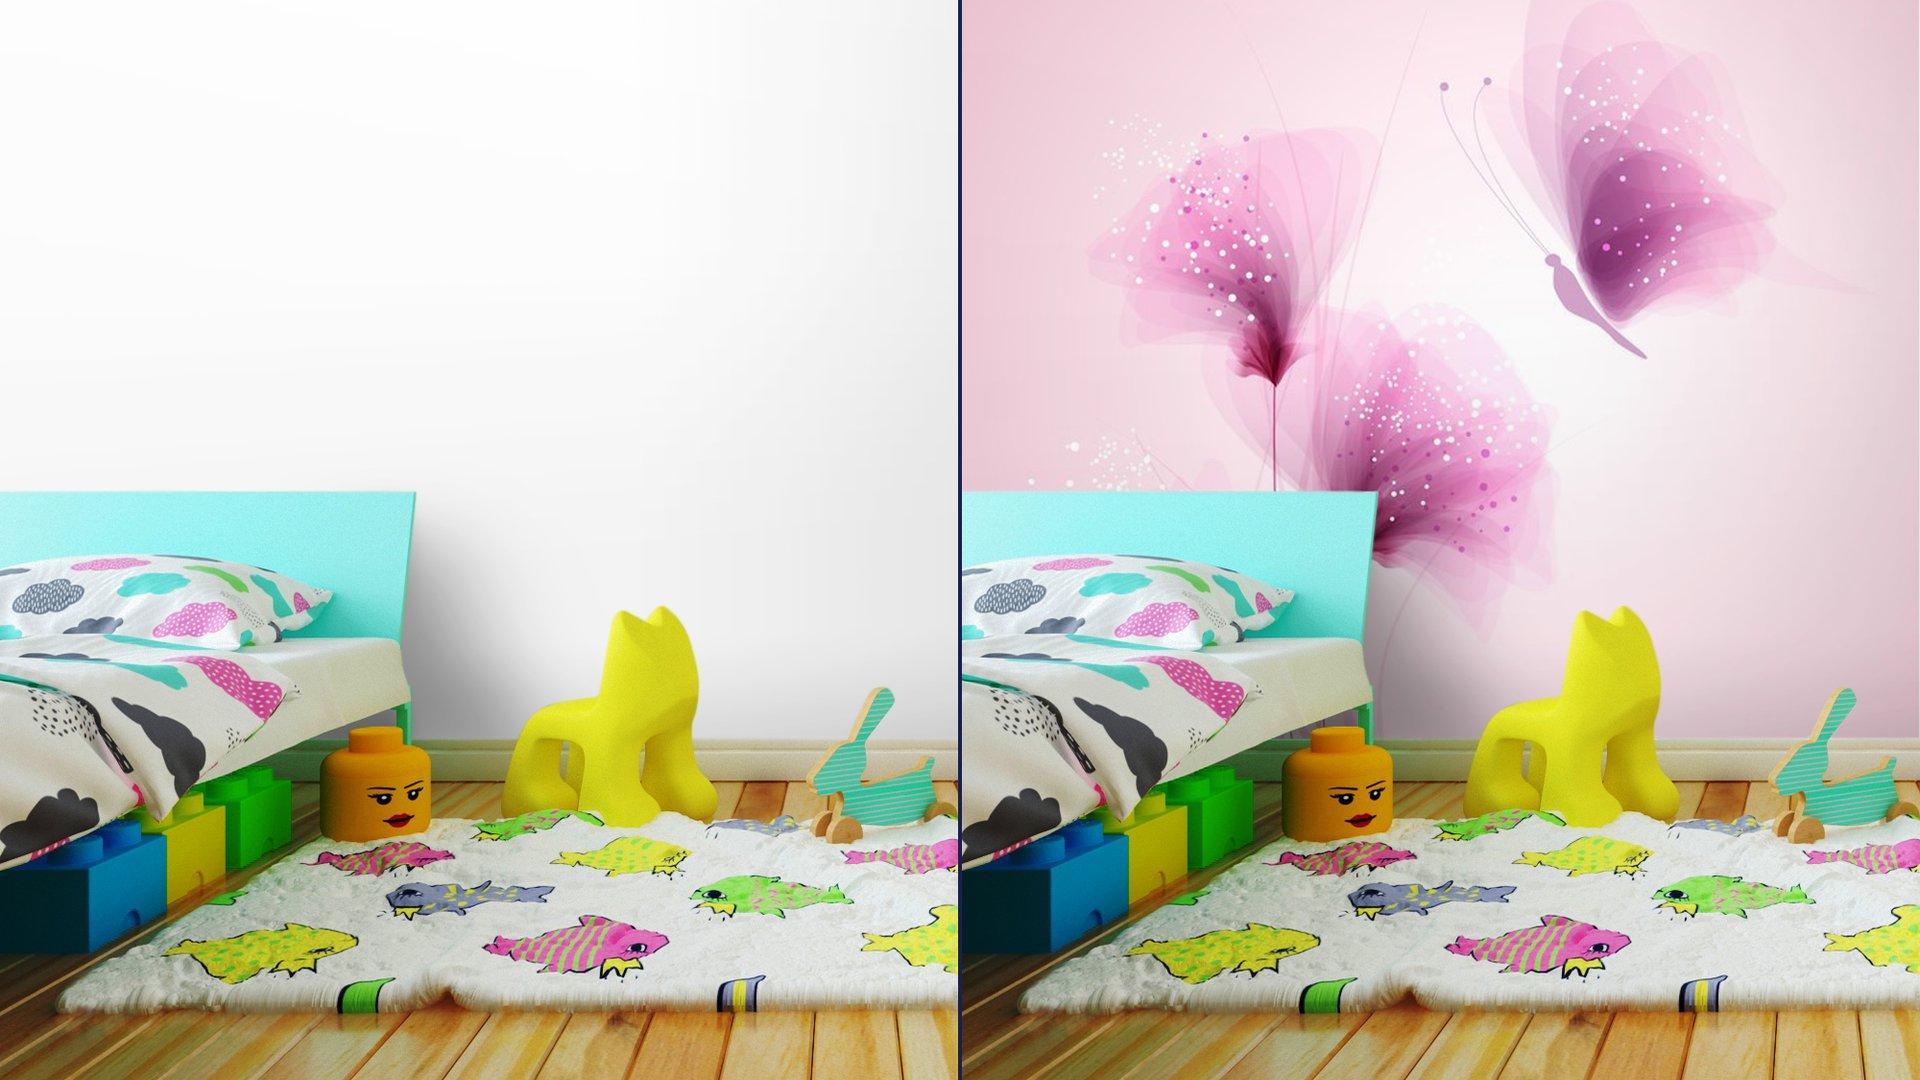 PASTEL DE MARIPOSAS Y FLORES DELICADAS7 - Fotomural Tapiz Mariposas y Flores Color Pastel